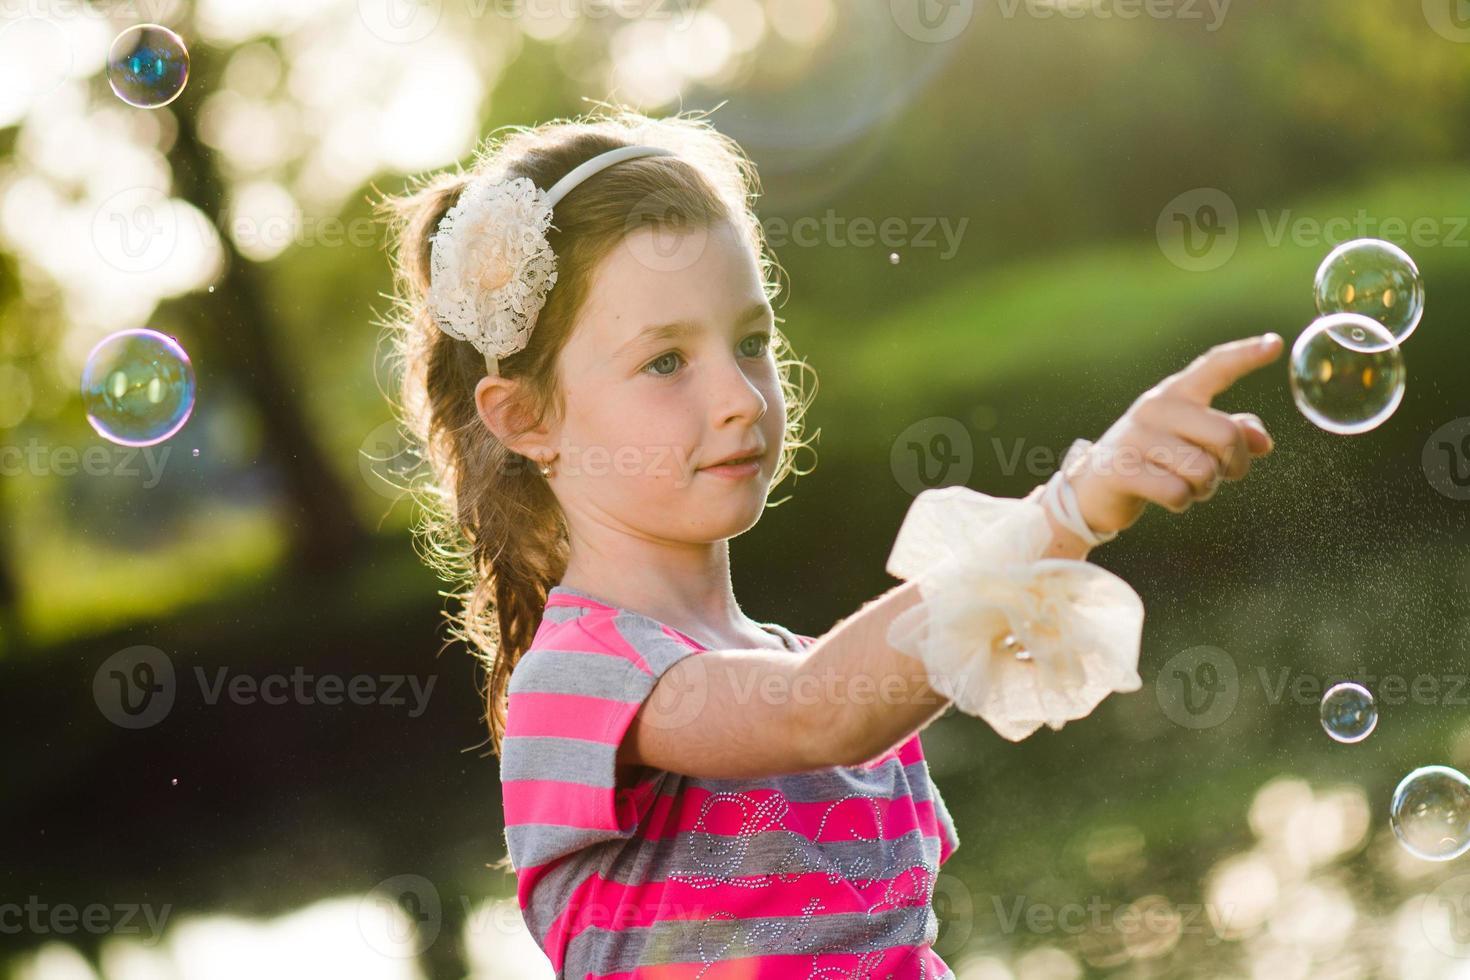 ragazza carina a caccia di bolle di sapone foto